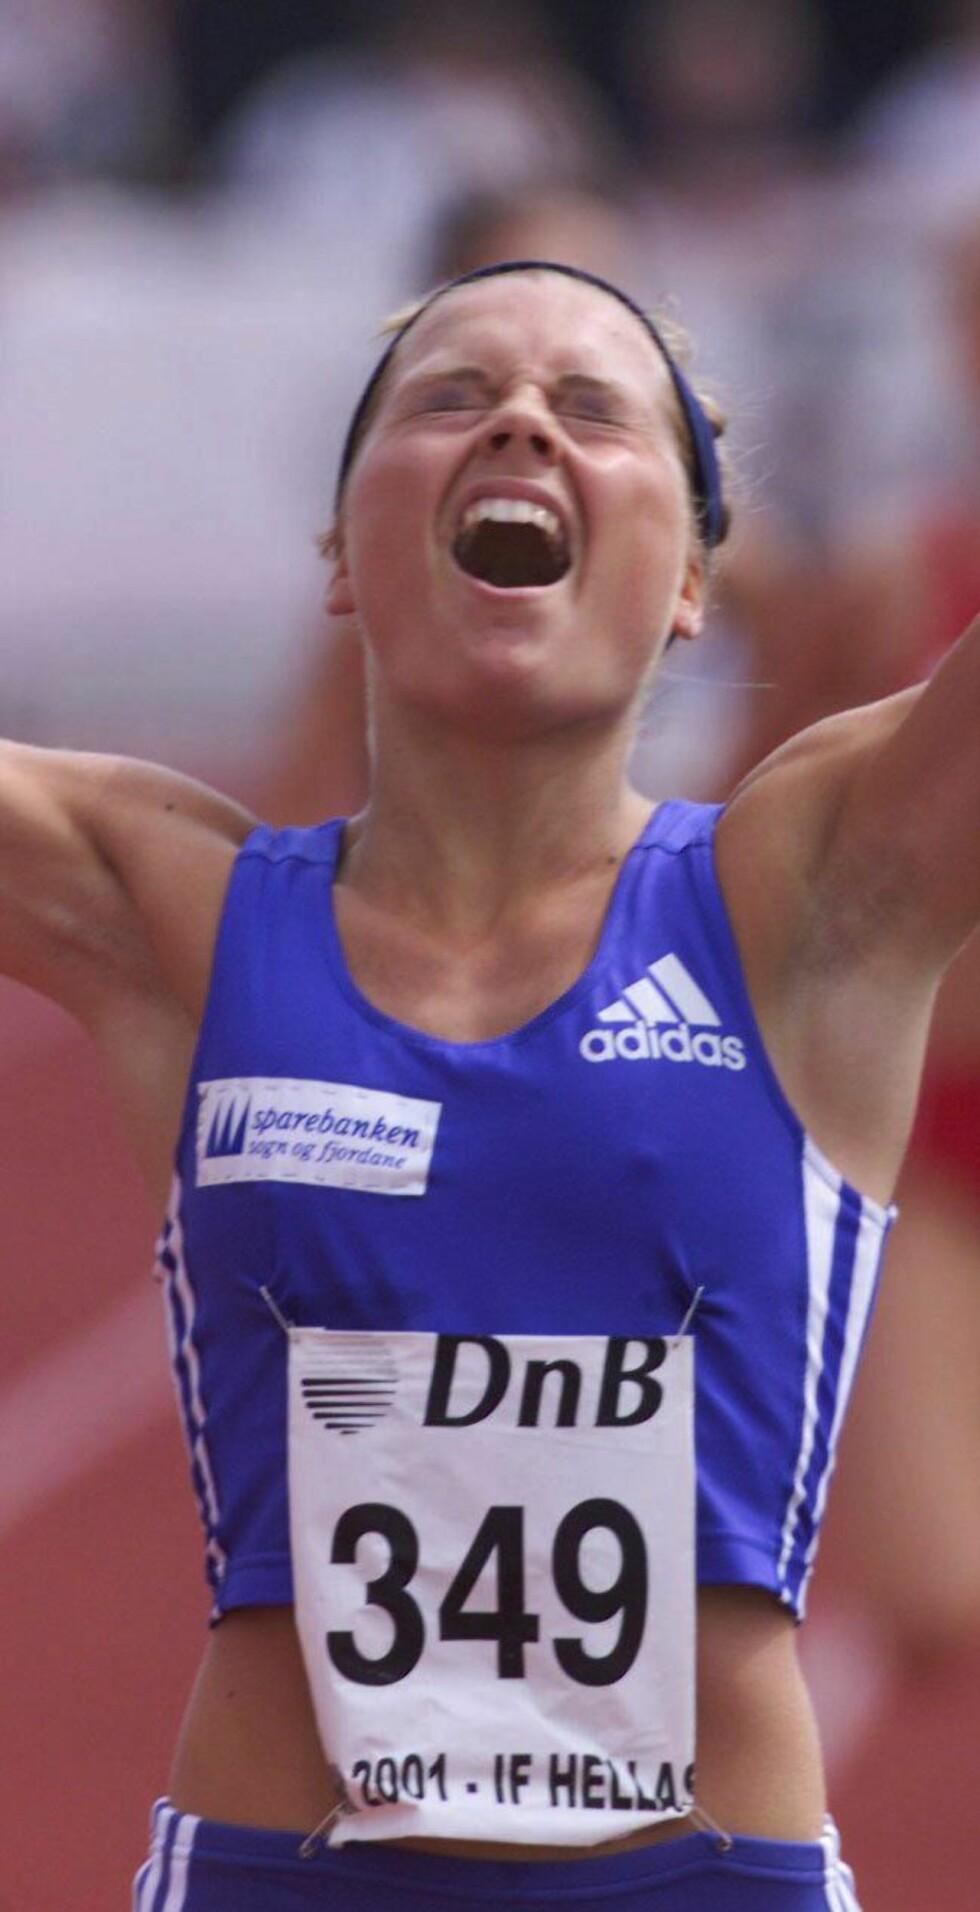 SKJULTE SYKDOMMEN: Kristin kaller de gode årene på løpebanen for «frisk nok til gull». – Jeg trodde jeg var kvitt anoreksien, men den var dessverre ikke langt unna. Her vinner hun NM-gull på 800 meter i 2001. Foto: NTB-Scanpix